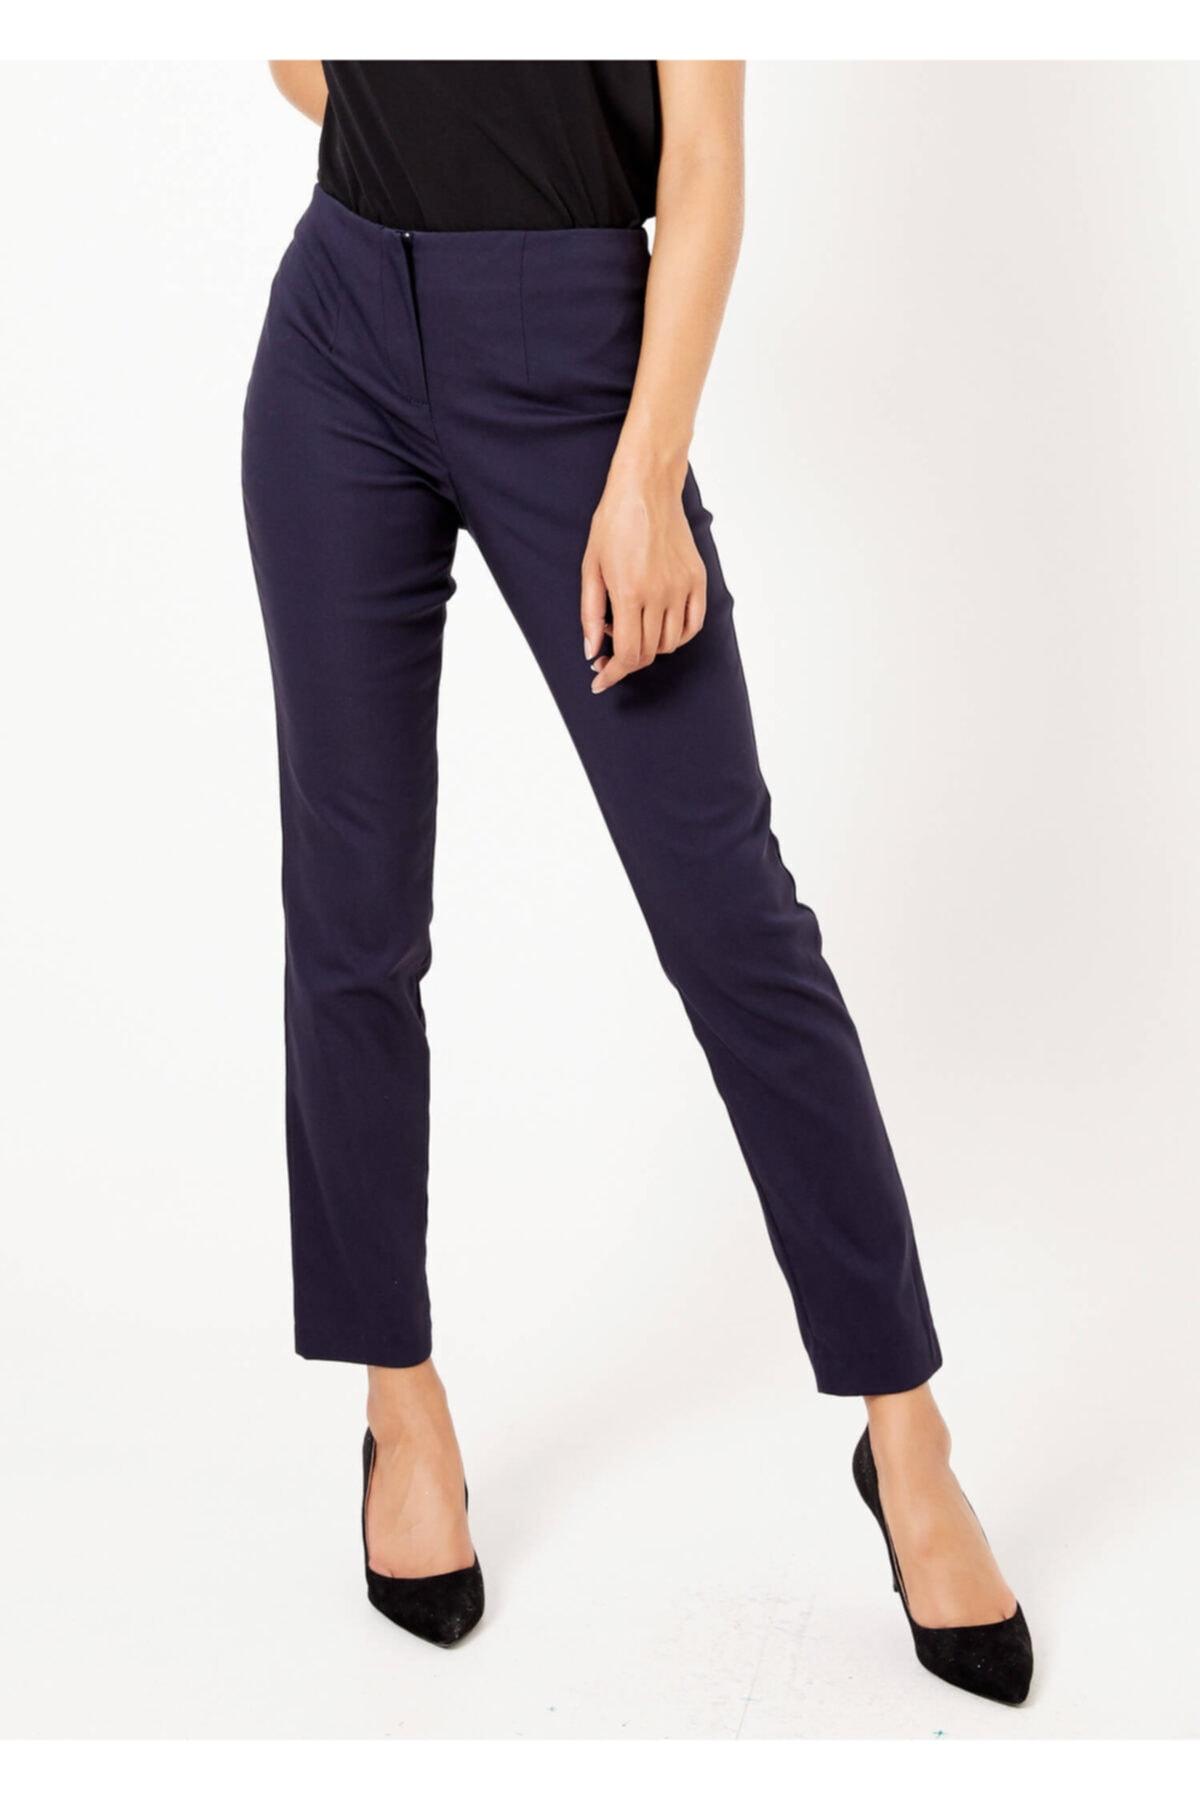 Adze Kadın Lacivert Fermuarlı Pantolon 1